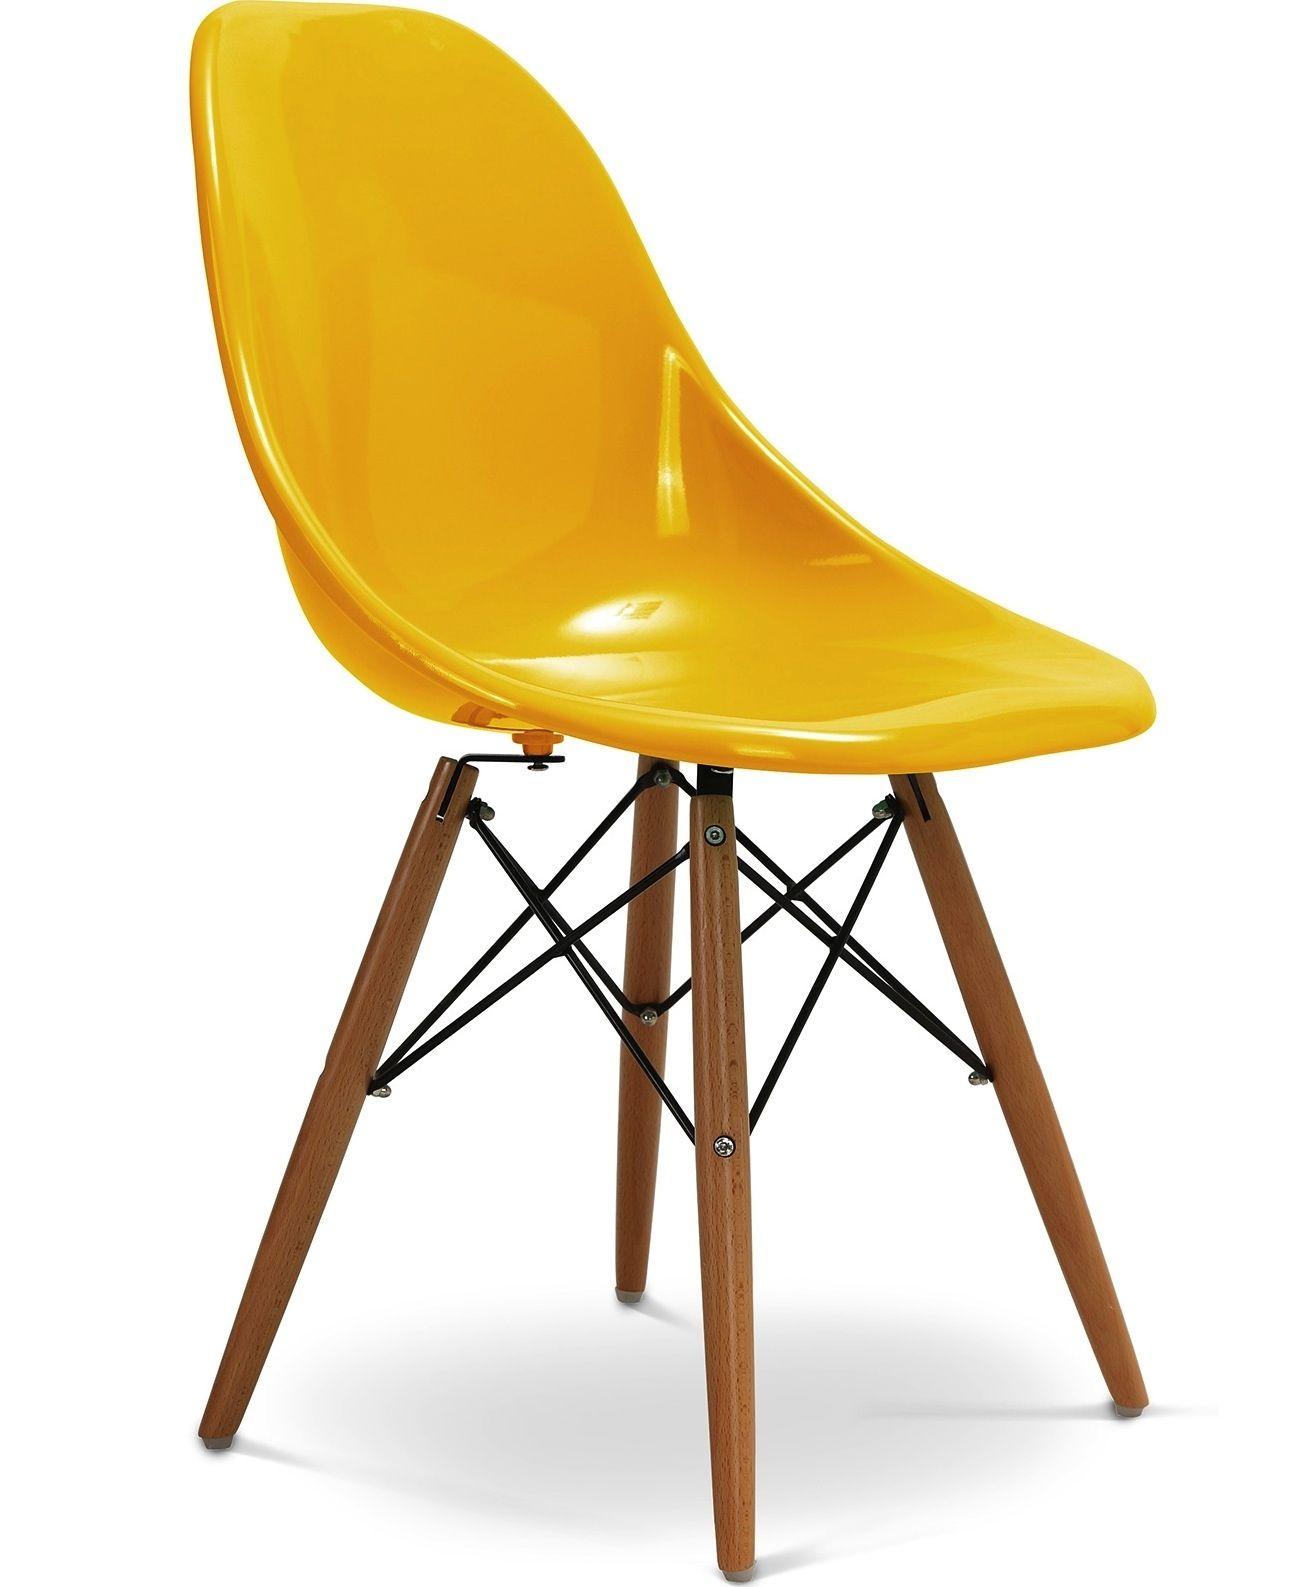 Chaise Jaune Design Eiffel SW Charles Eames Lot De 4